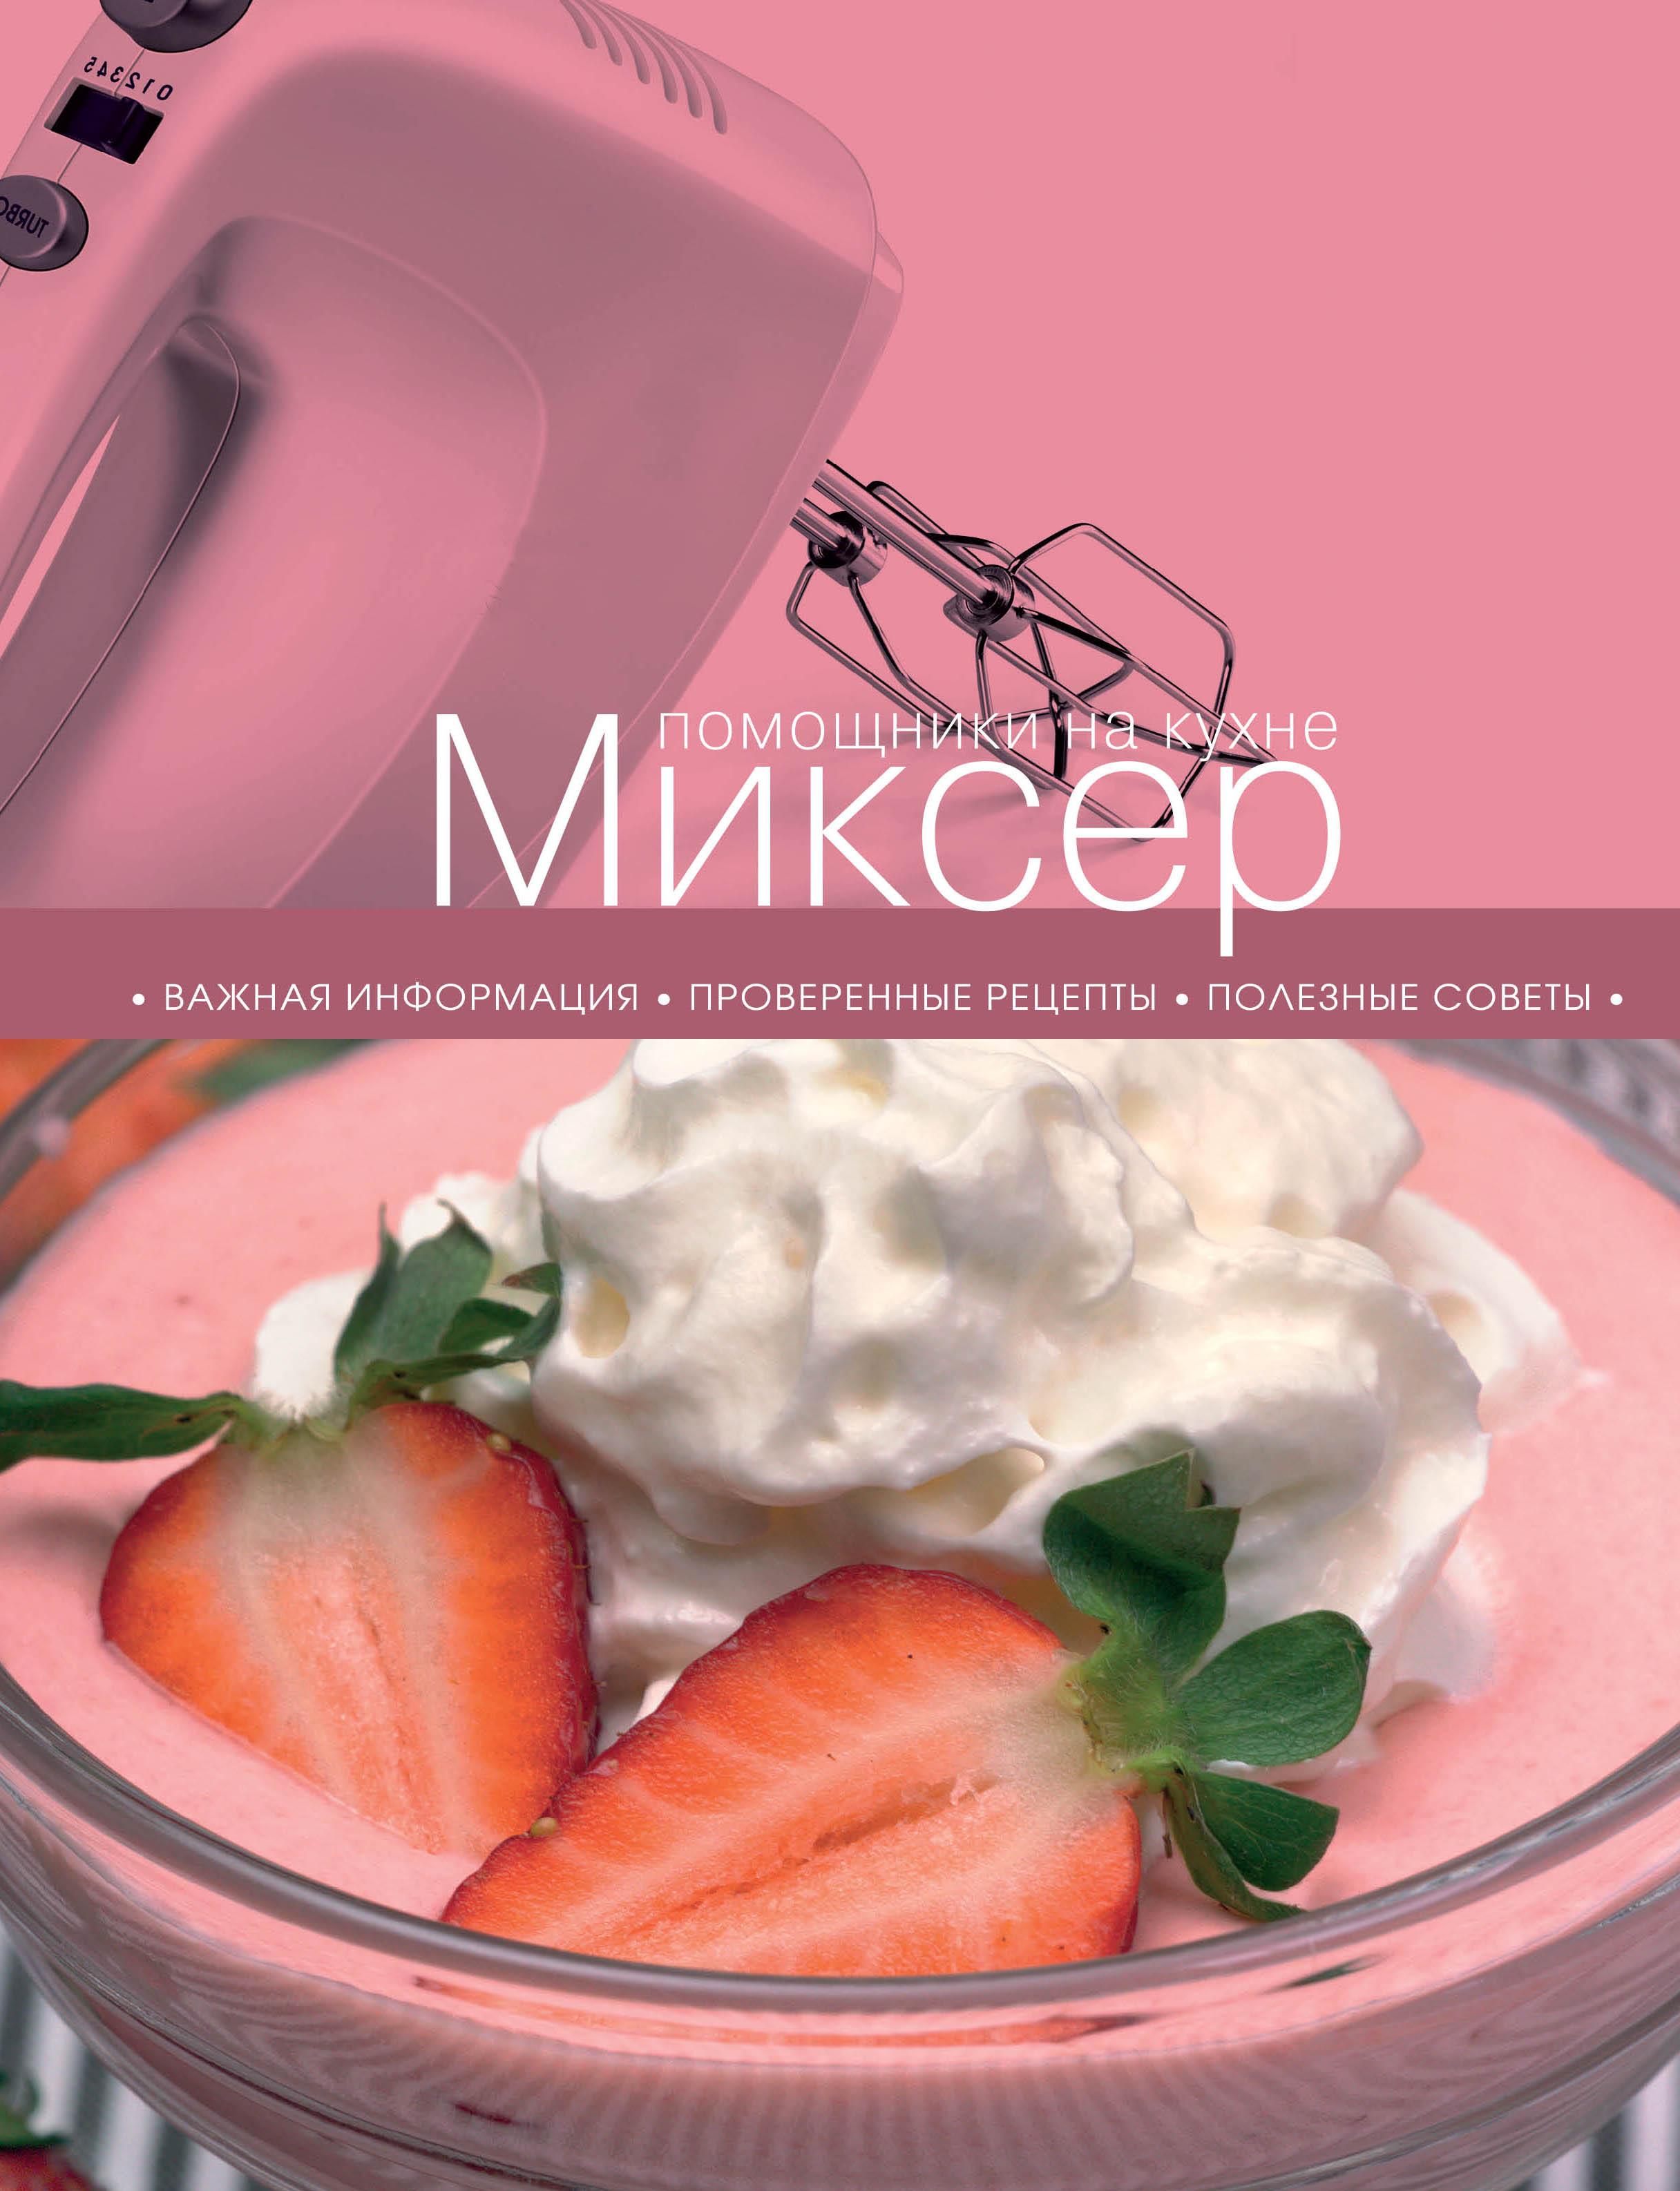 Миксер а гагарина 1000 блюд от салатов до десертов для праздников и на каждый день